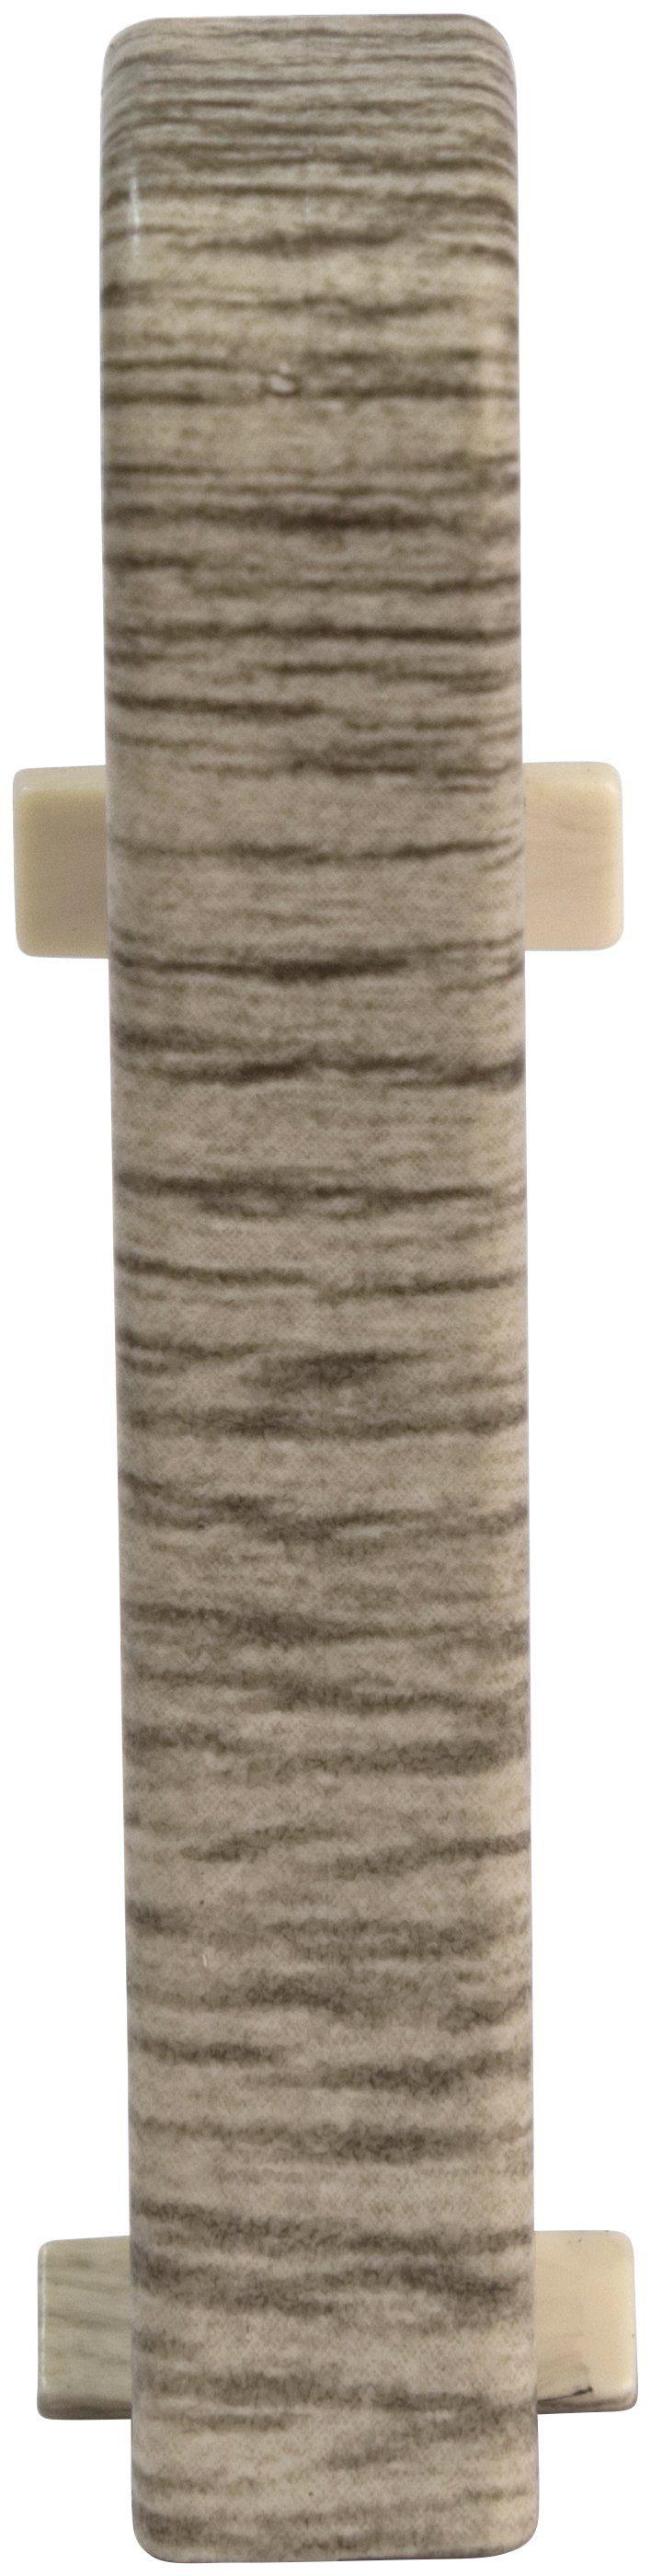 EGGER Zwischenstücke »Eiche hellgrau«, für 6 cm EGGER Sockelleiste